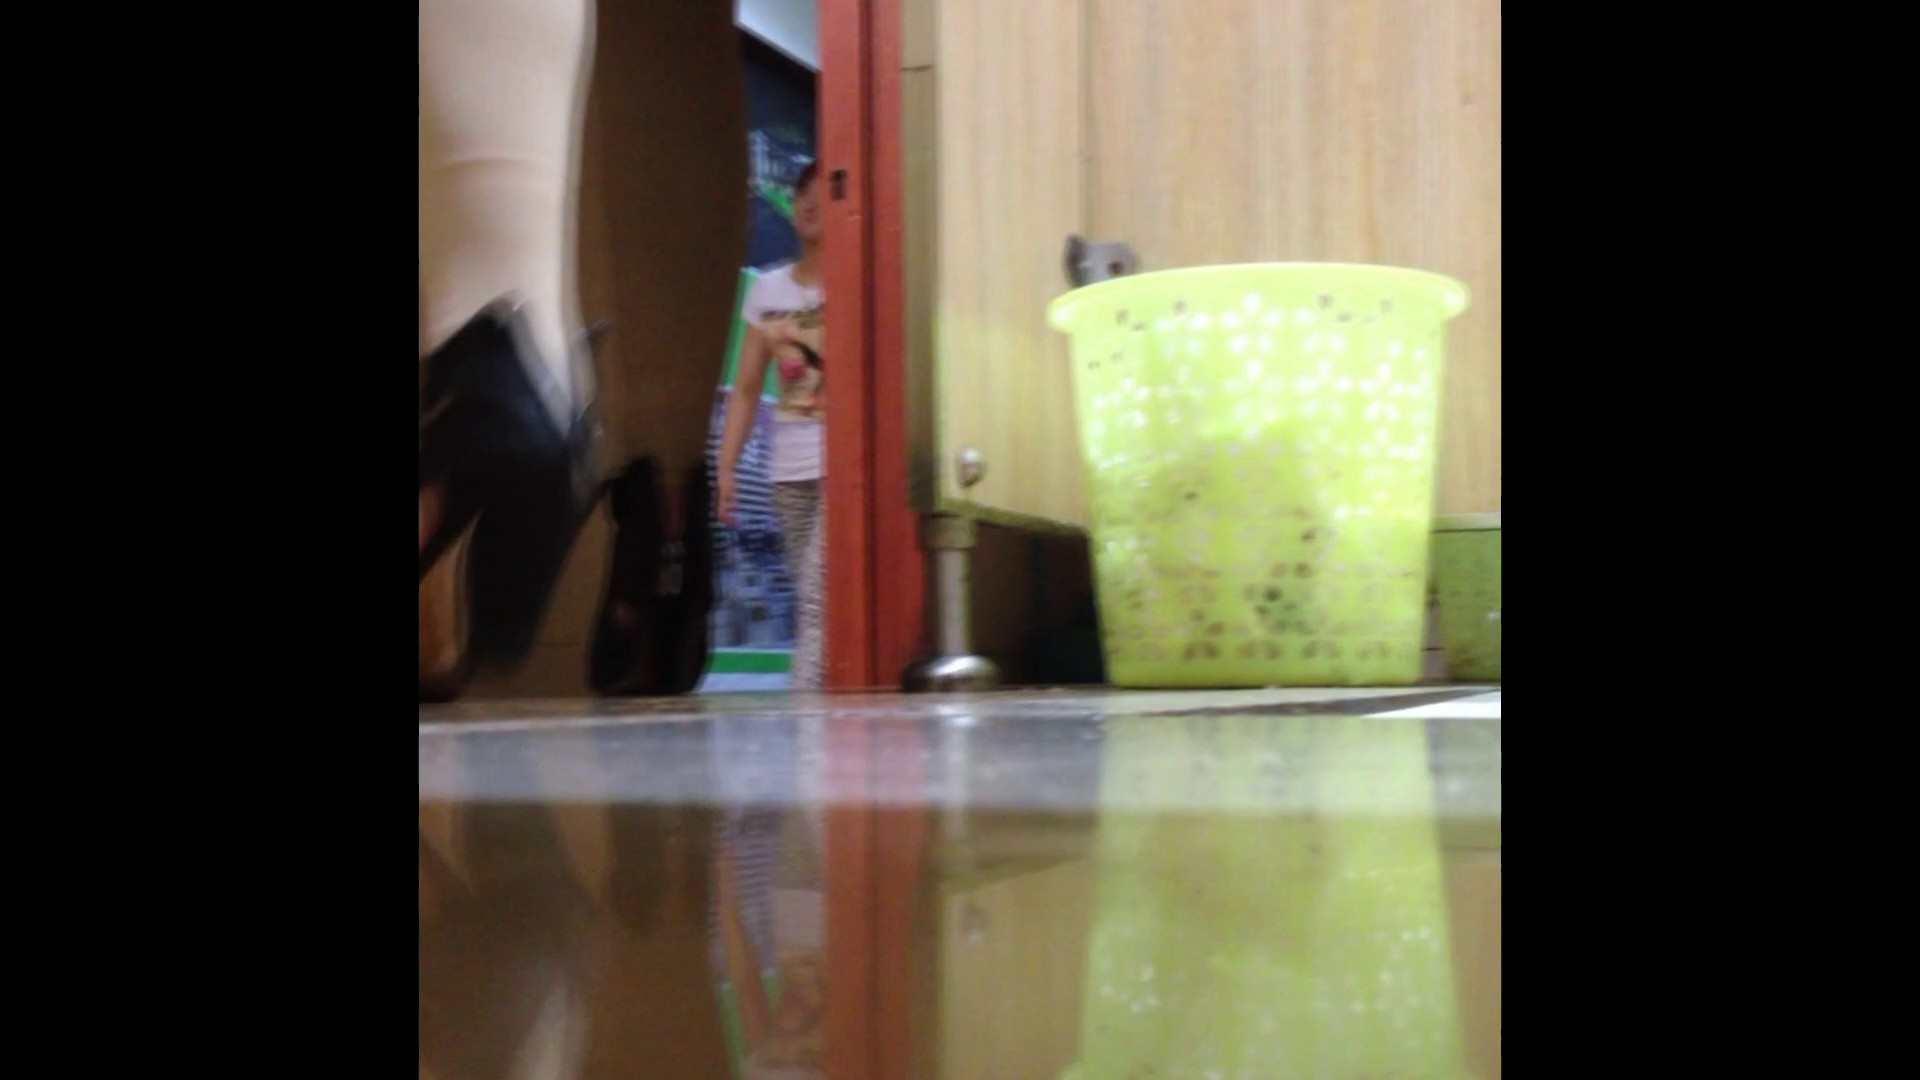 芸術大学ガチ潜入盗撮 JD盗撮 美女の洗面所の秘密 Vol.86 盗撮 エロ画像 93pic 81